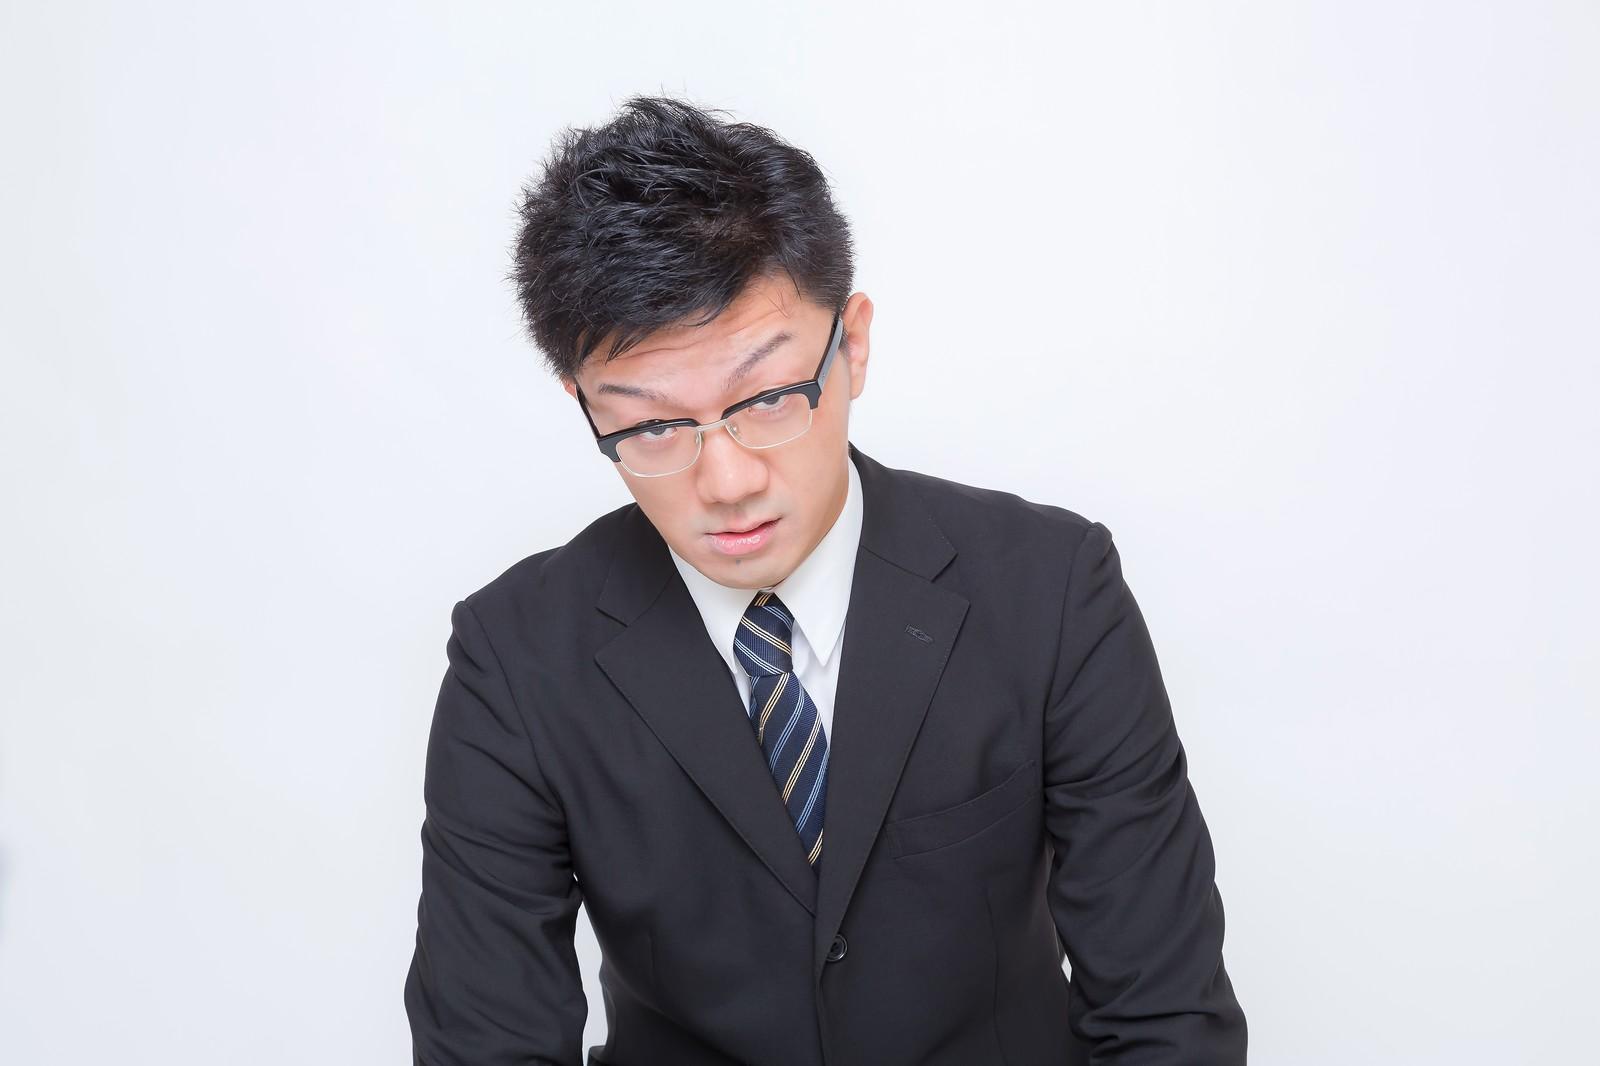 コールセンターの求人とアルバイト面接を受けて不採用になる人の特徴